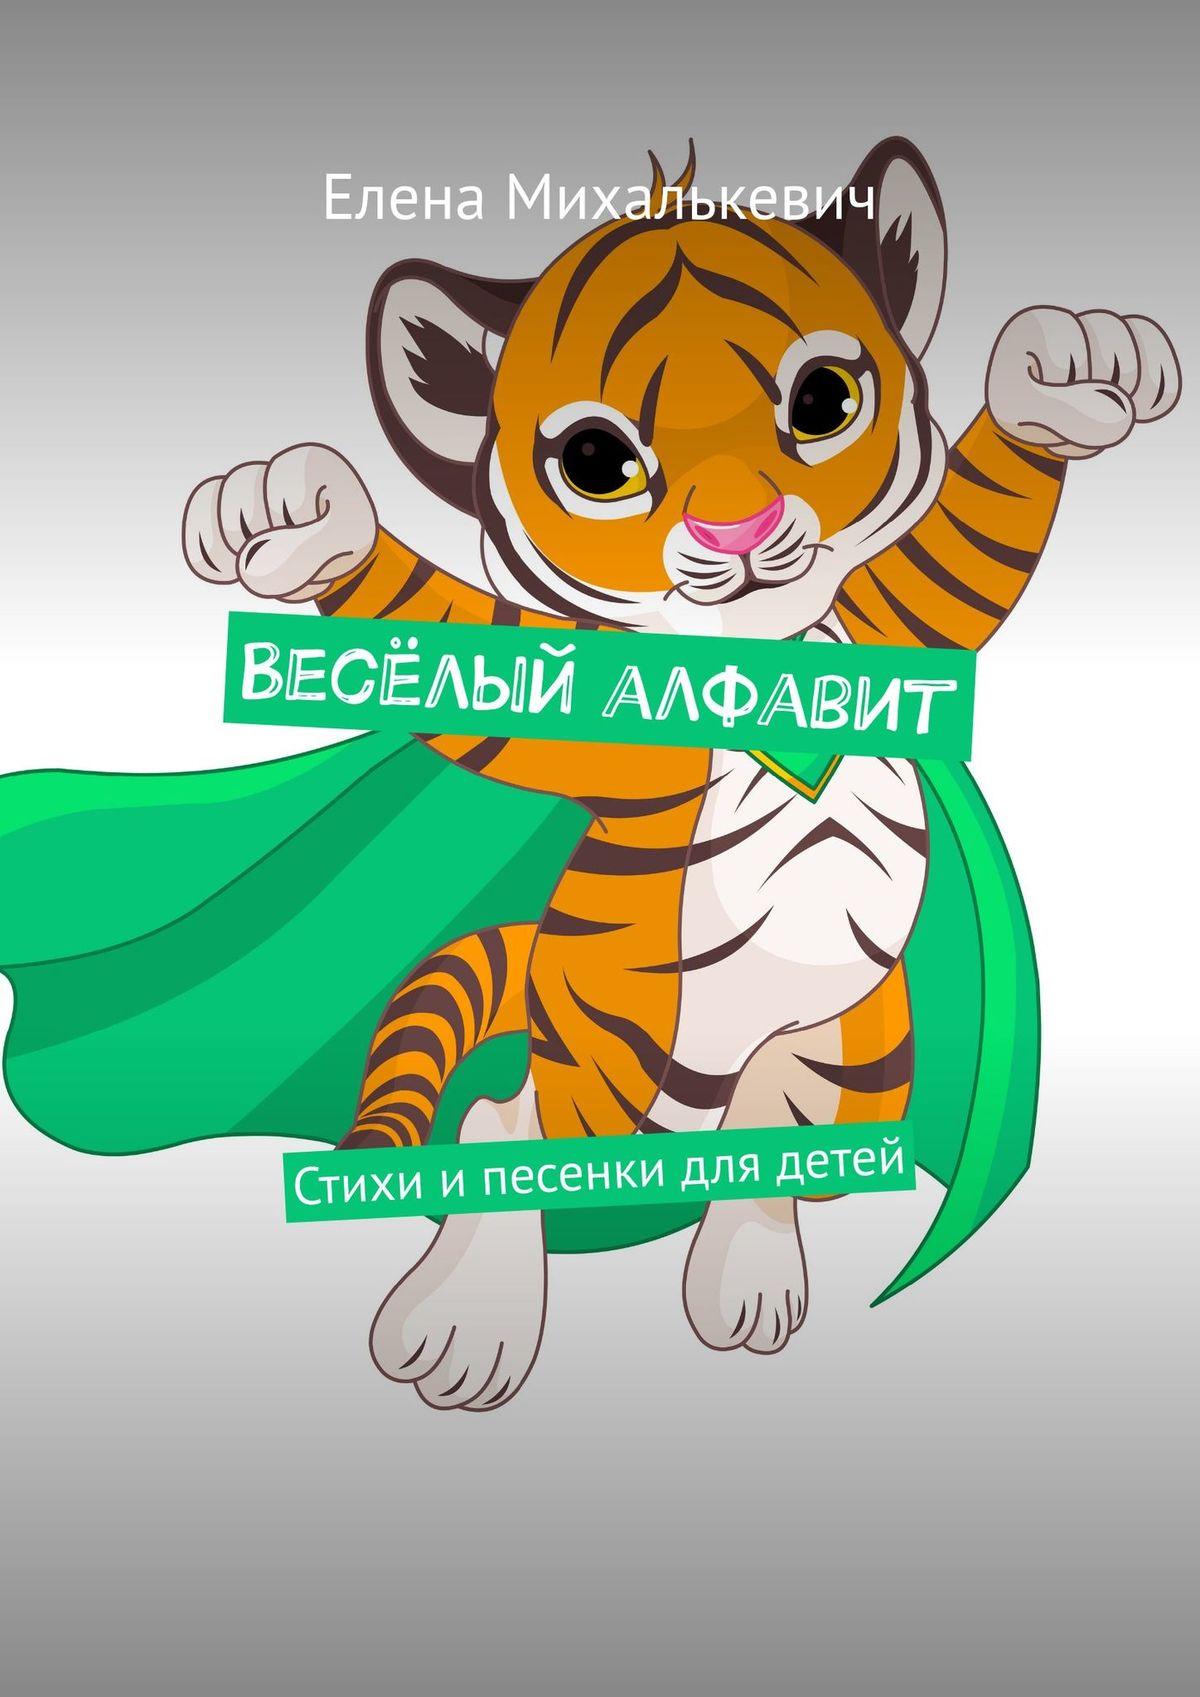 Елена Михалькевич Весёлый алфавит. Стихи ипесенки для детей цена